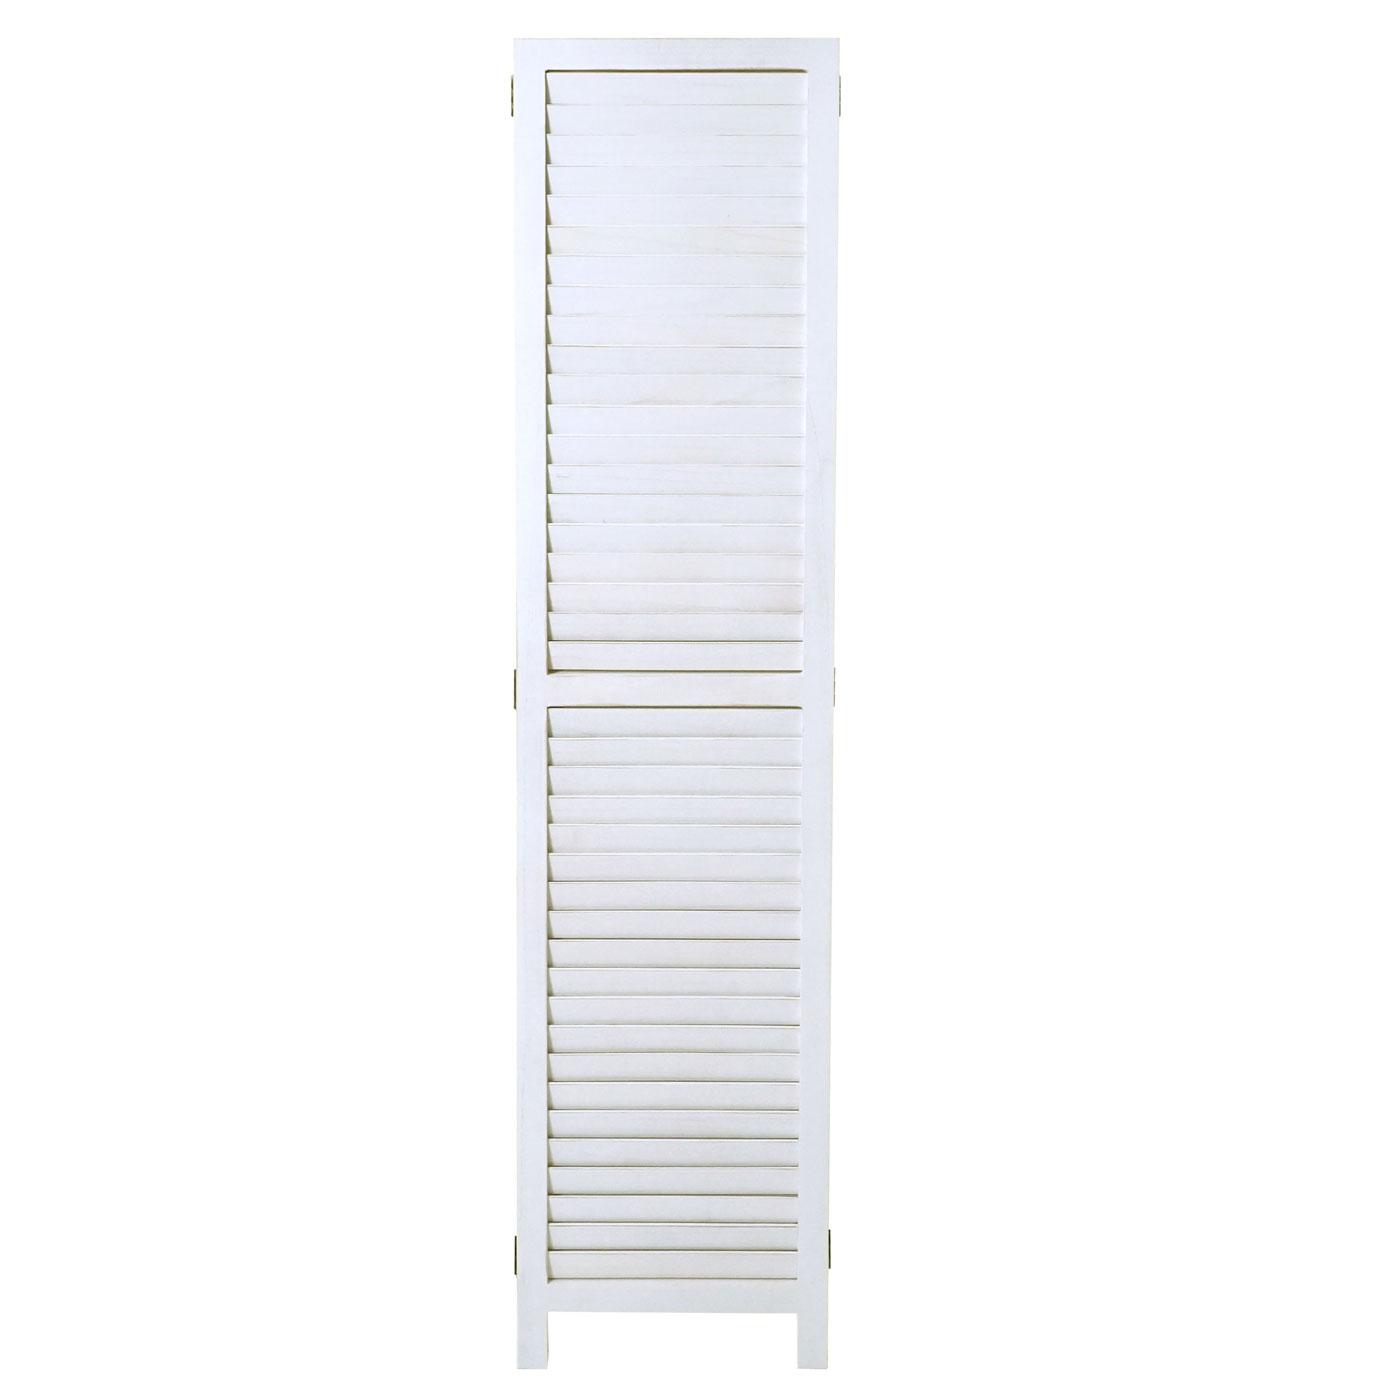 Paravent HWC-C30 Raumteiler Trennwand Sichtschutz Shabby Vintage 170x120cm weiß